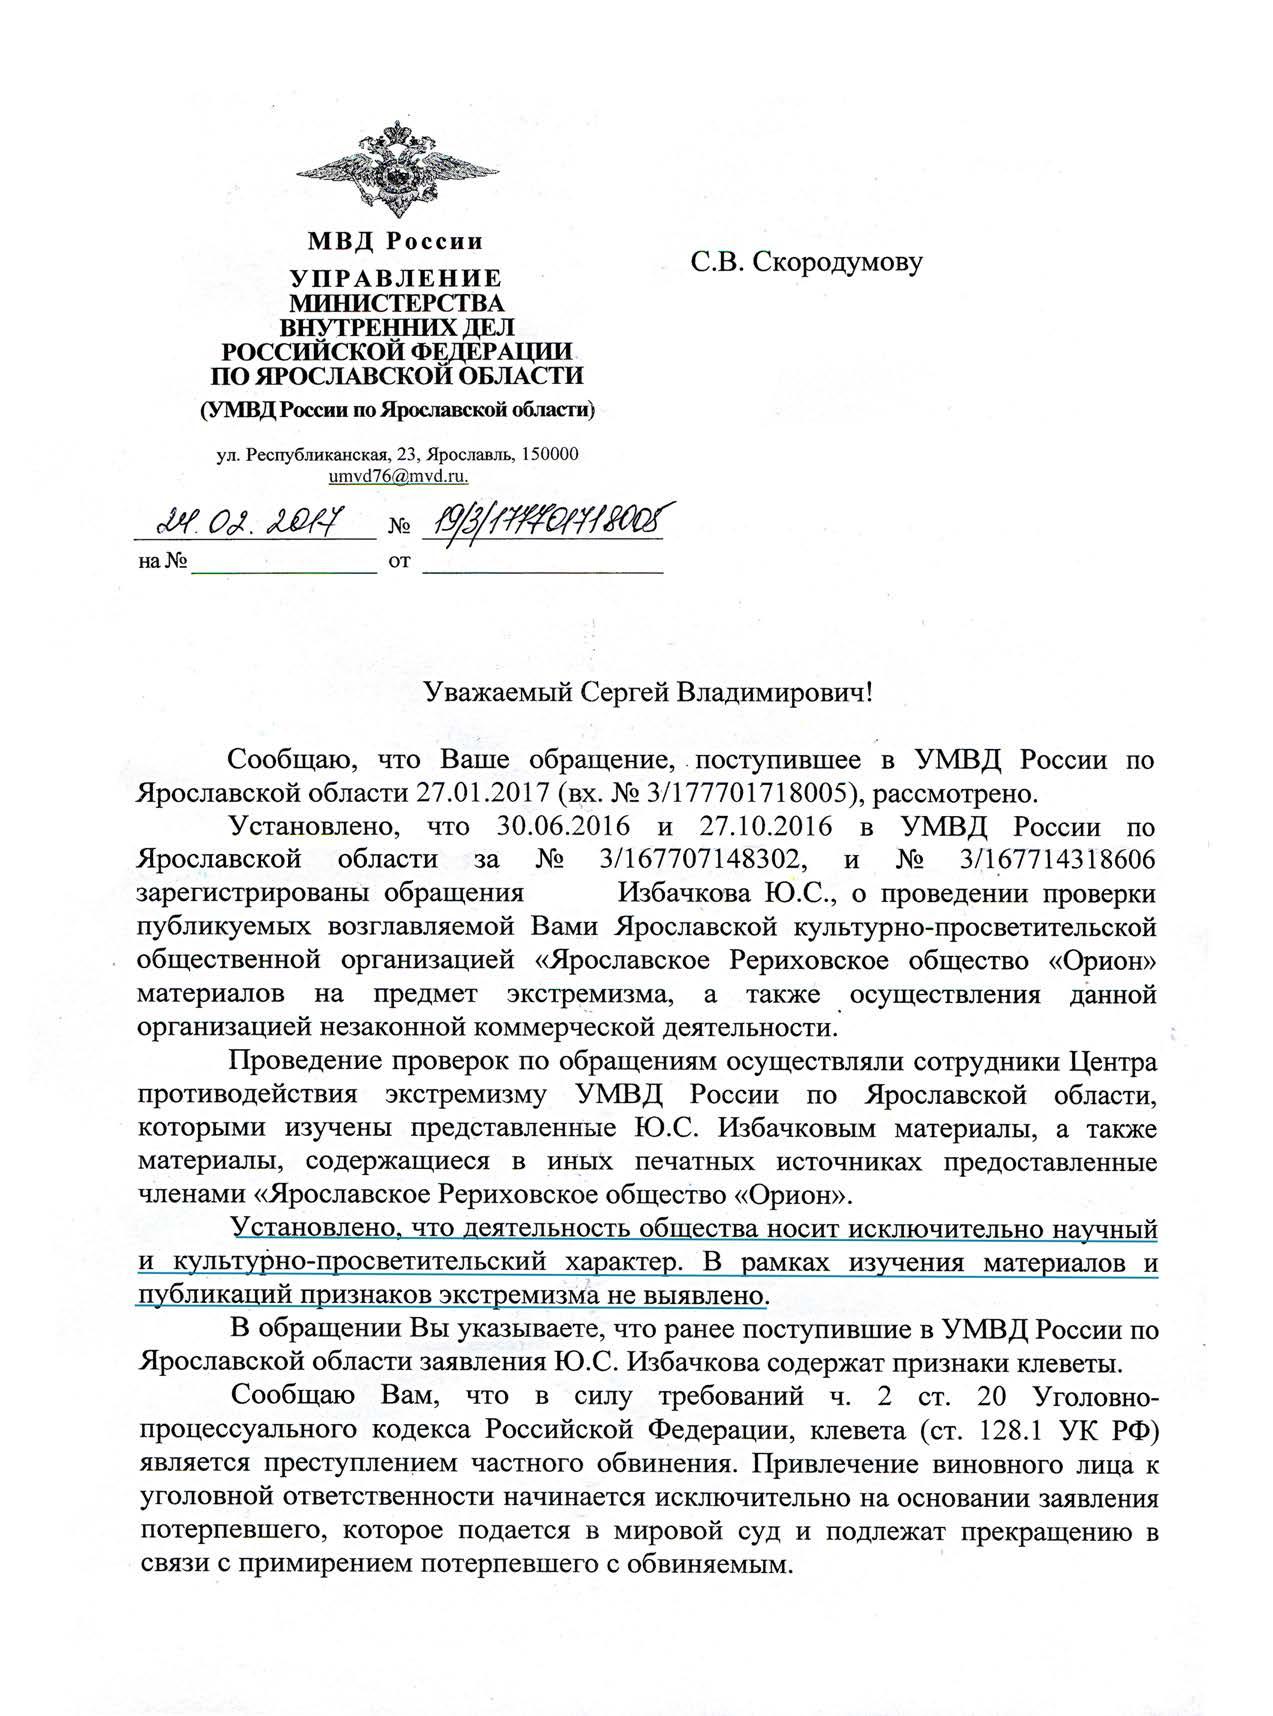 Ответ из полиции по поводу жалобы Ю. Избачкова